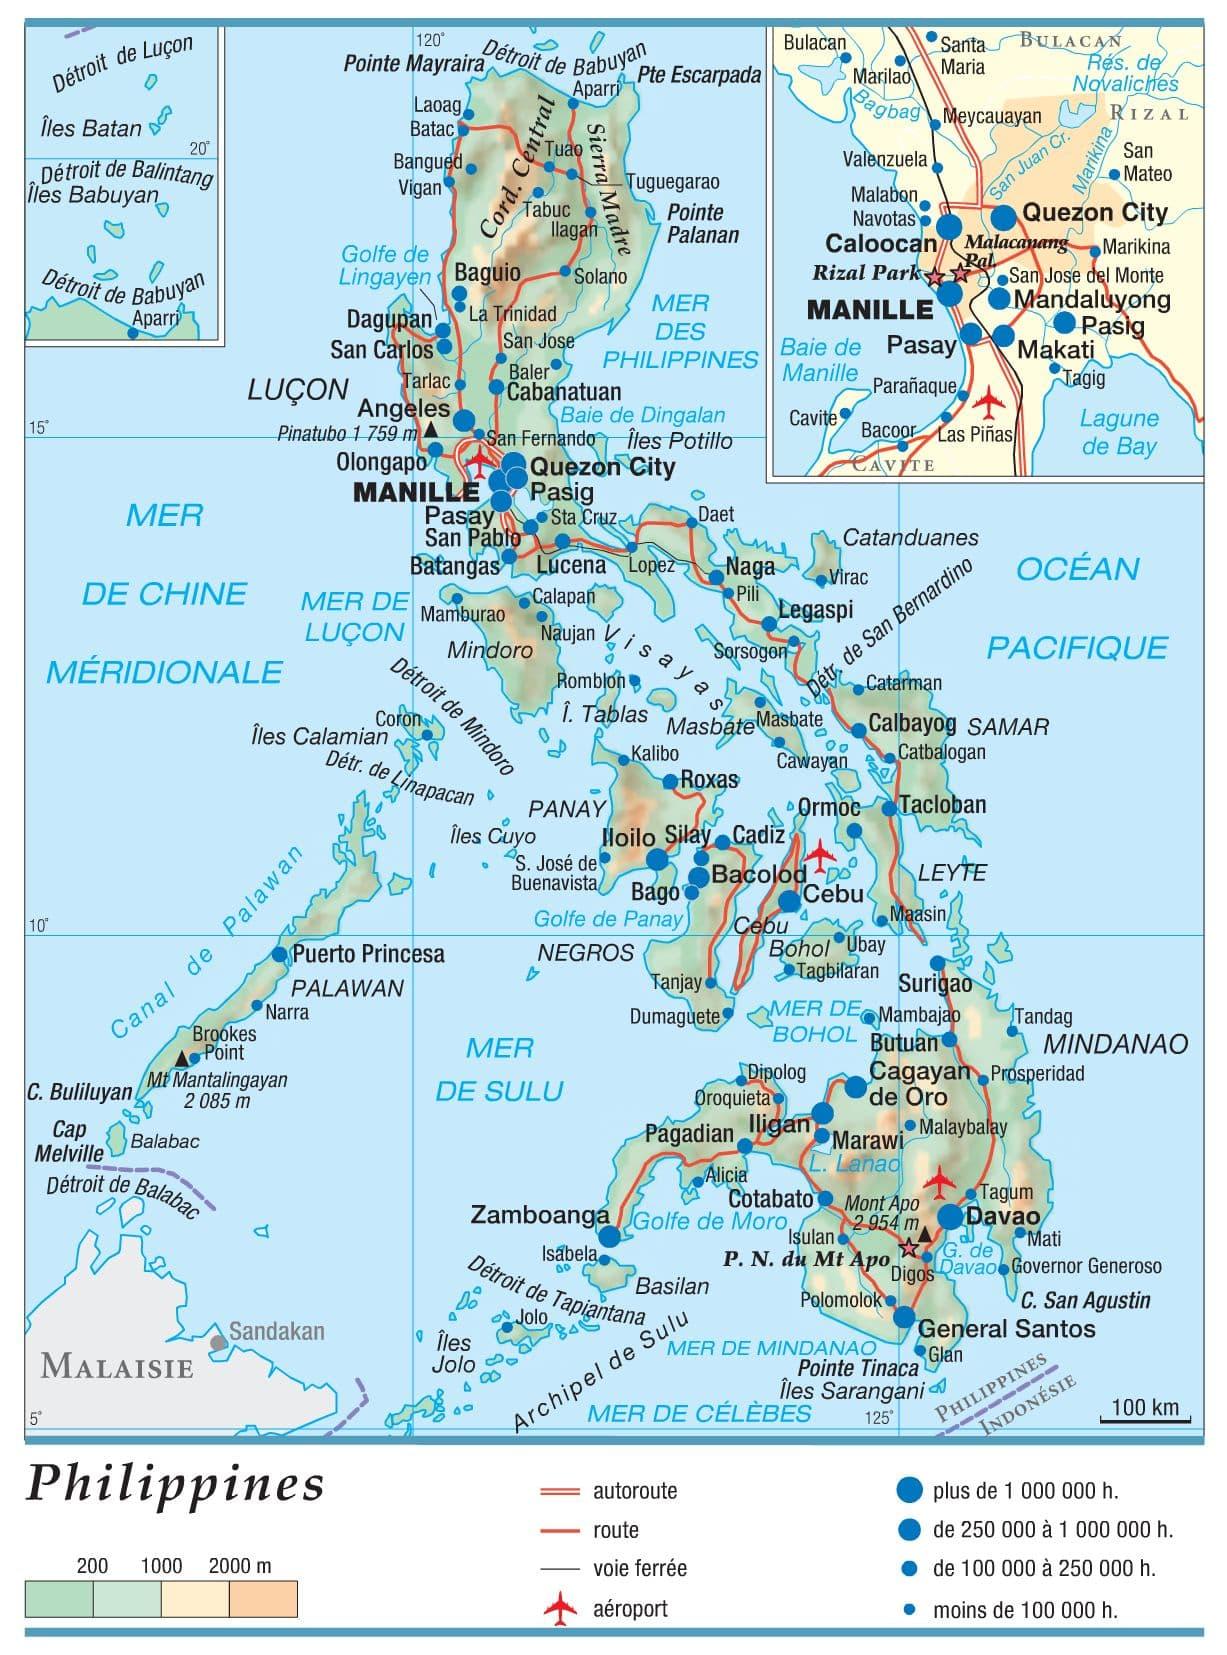 Encyclopédie Larousse en ligne   Philippines